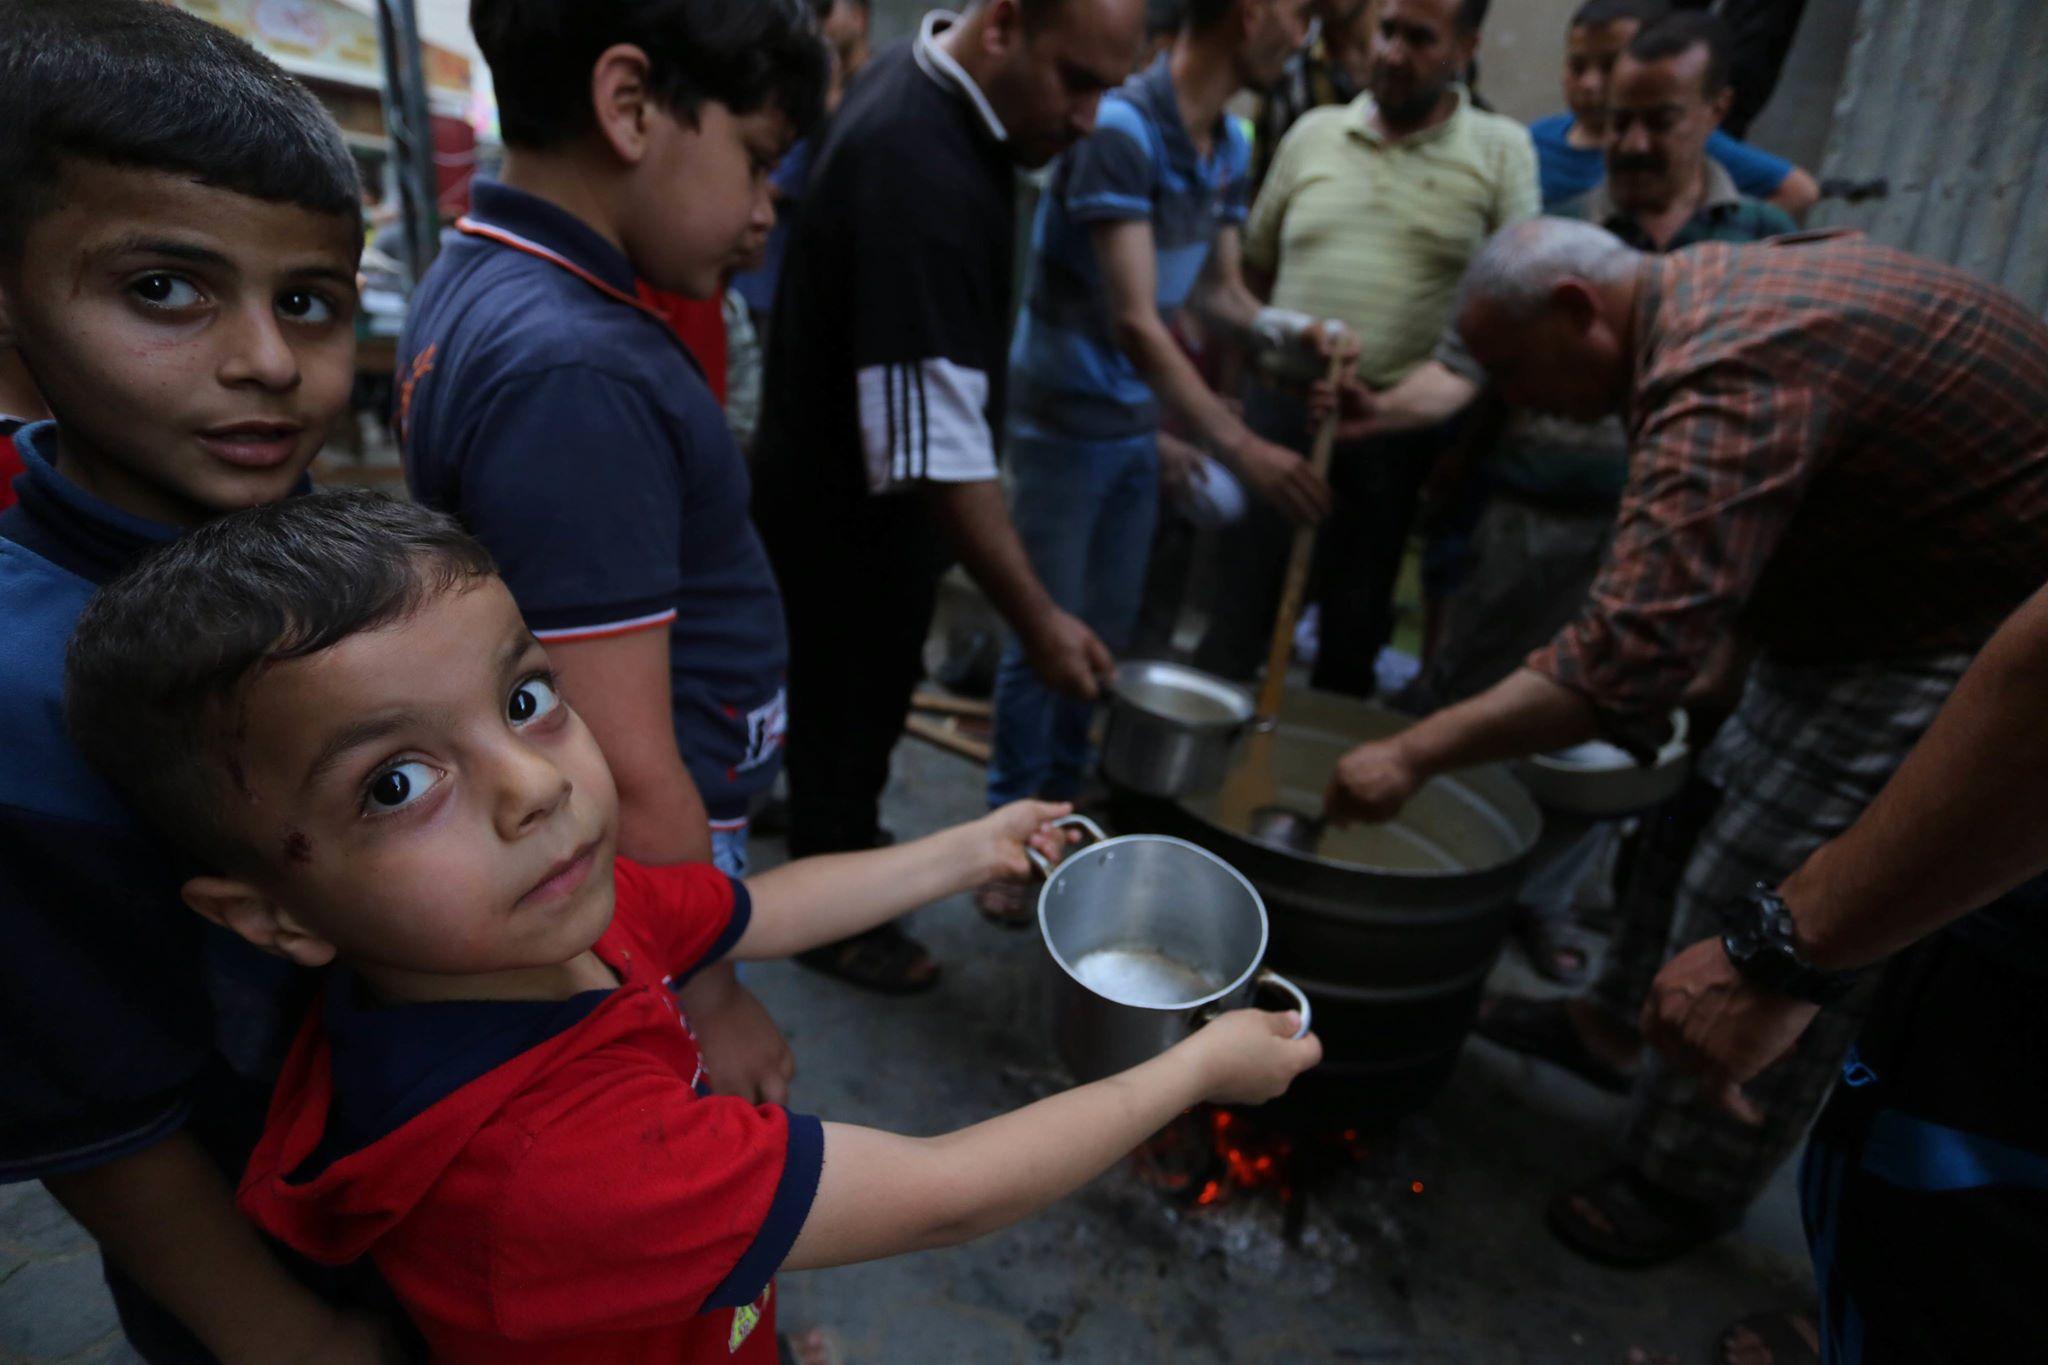 ثلثي الأسر تواجه صعوبات يومية في توفير الغذاء: الأورومتوسطي يدعو إلى التعامل مع غزة كمنطقة منكوبة